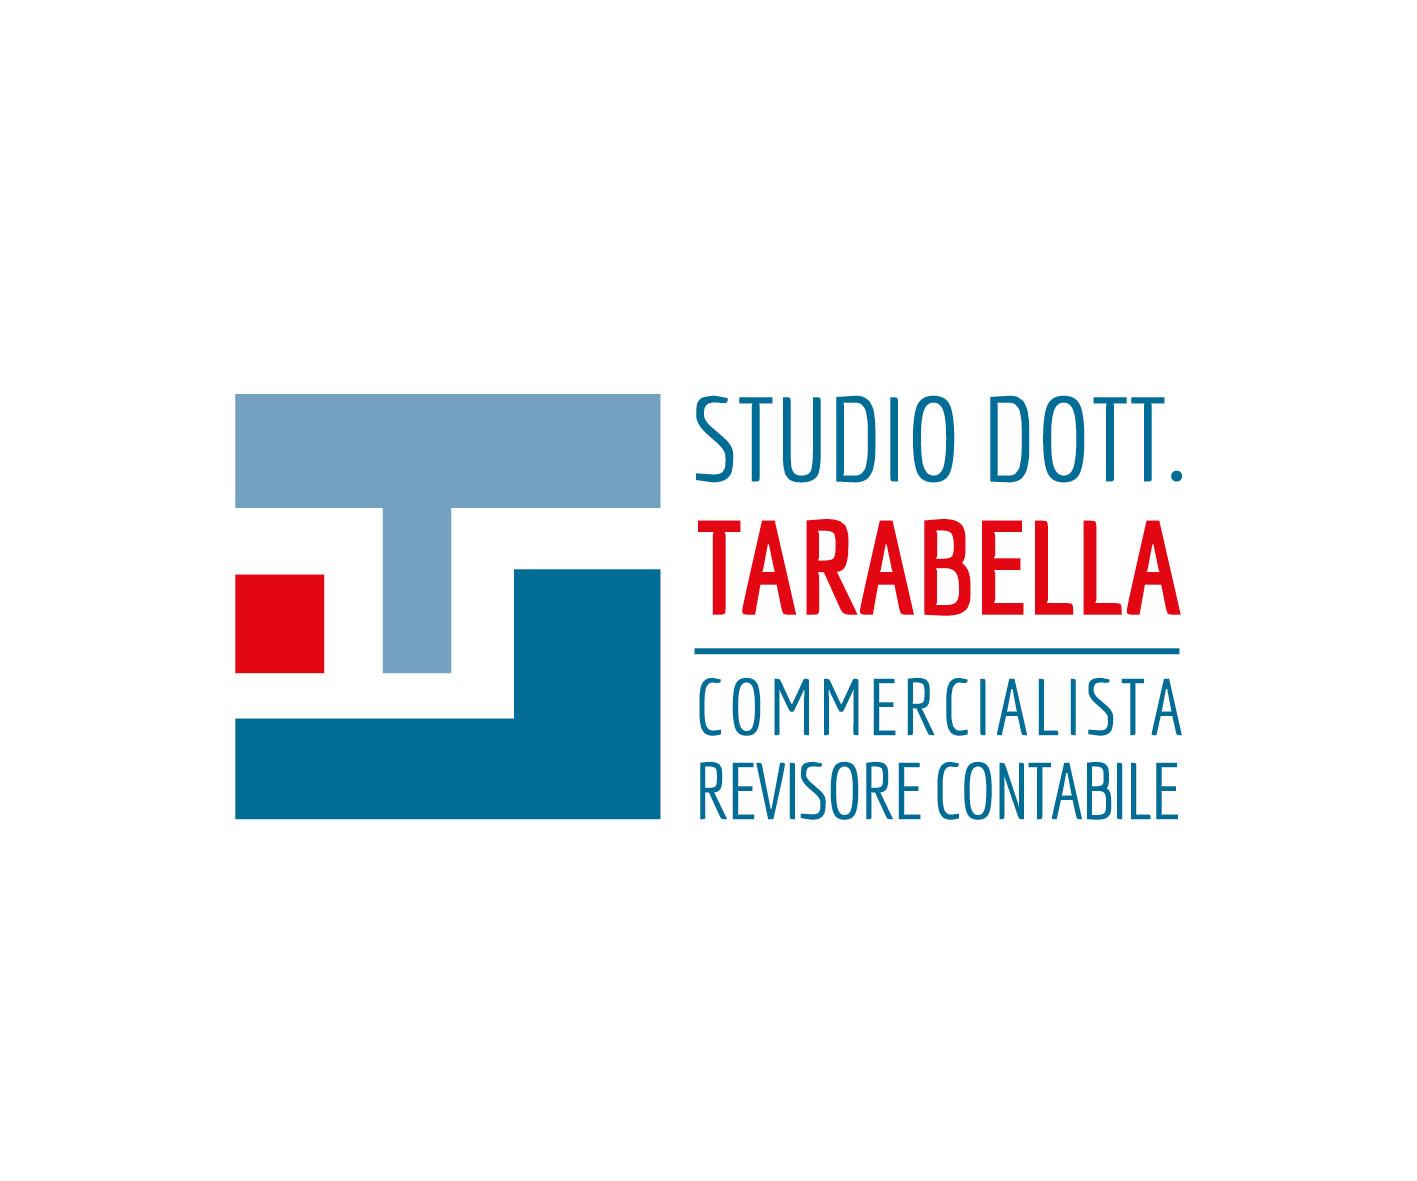 Studio Dott. Tarabella